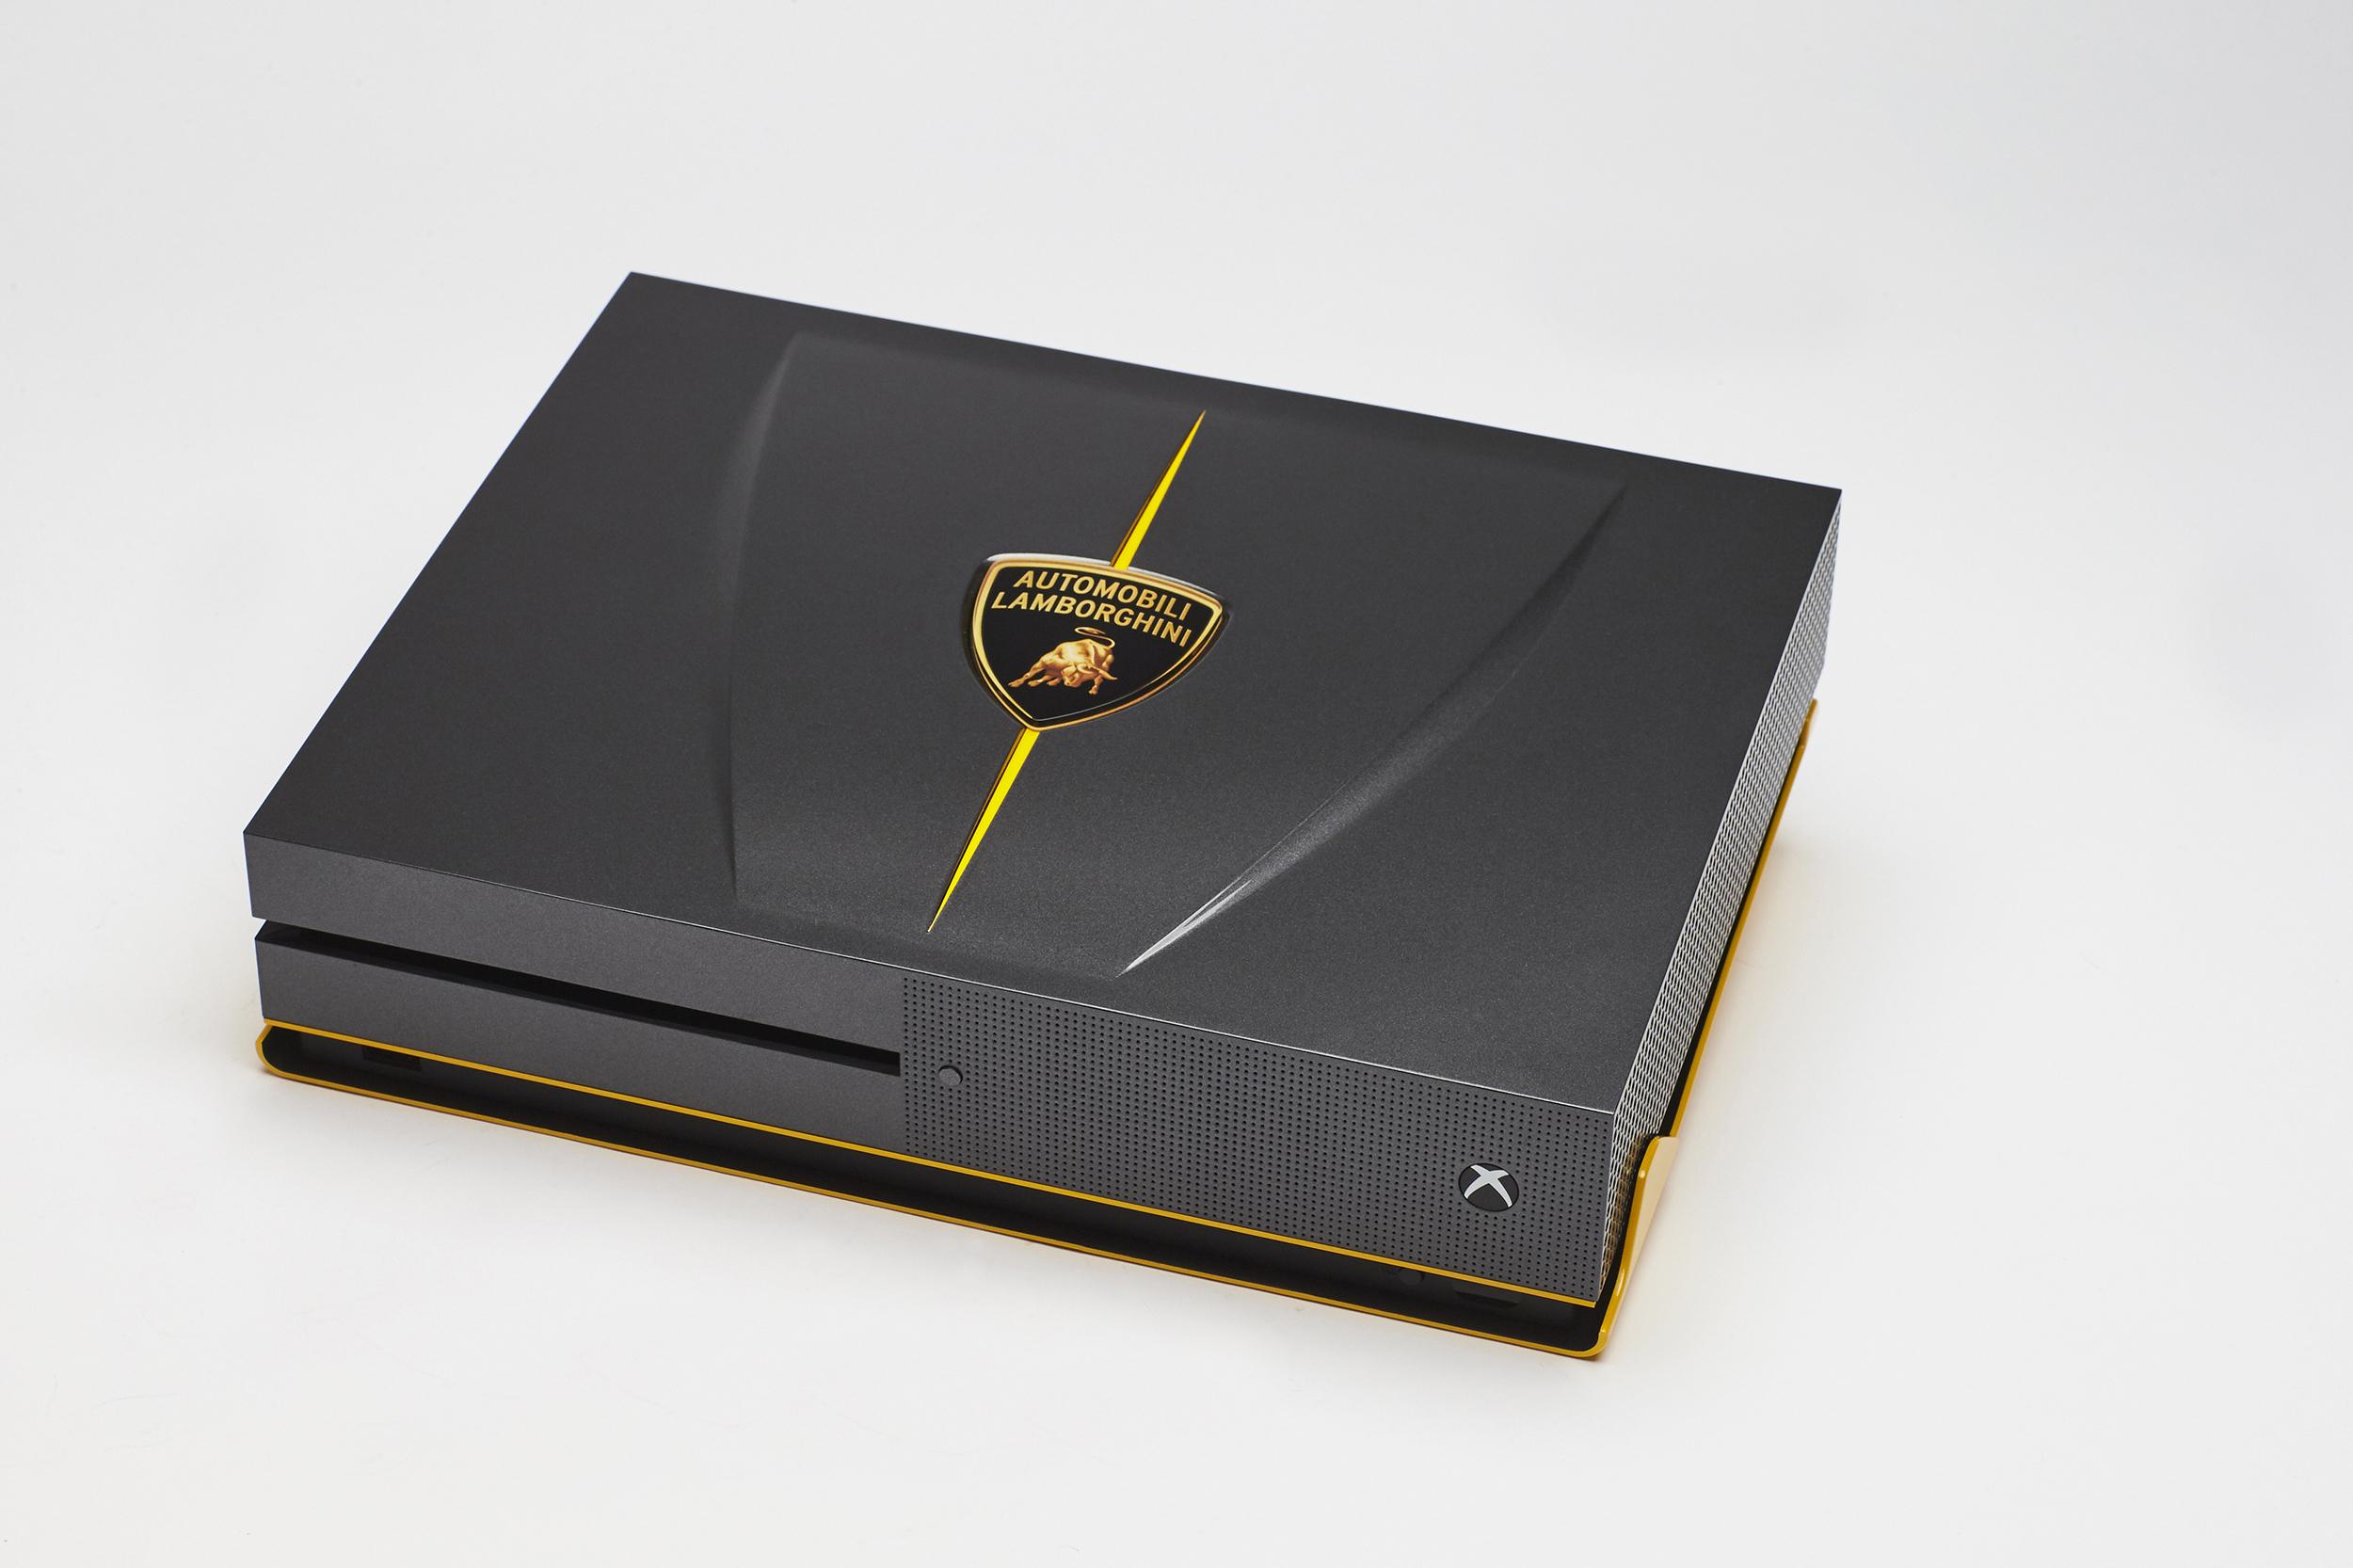 Foto de Xbox One S Lambborghini (7/8)